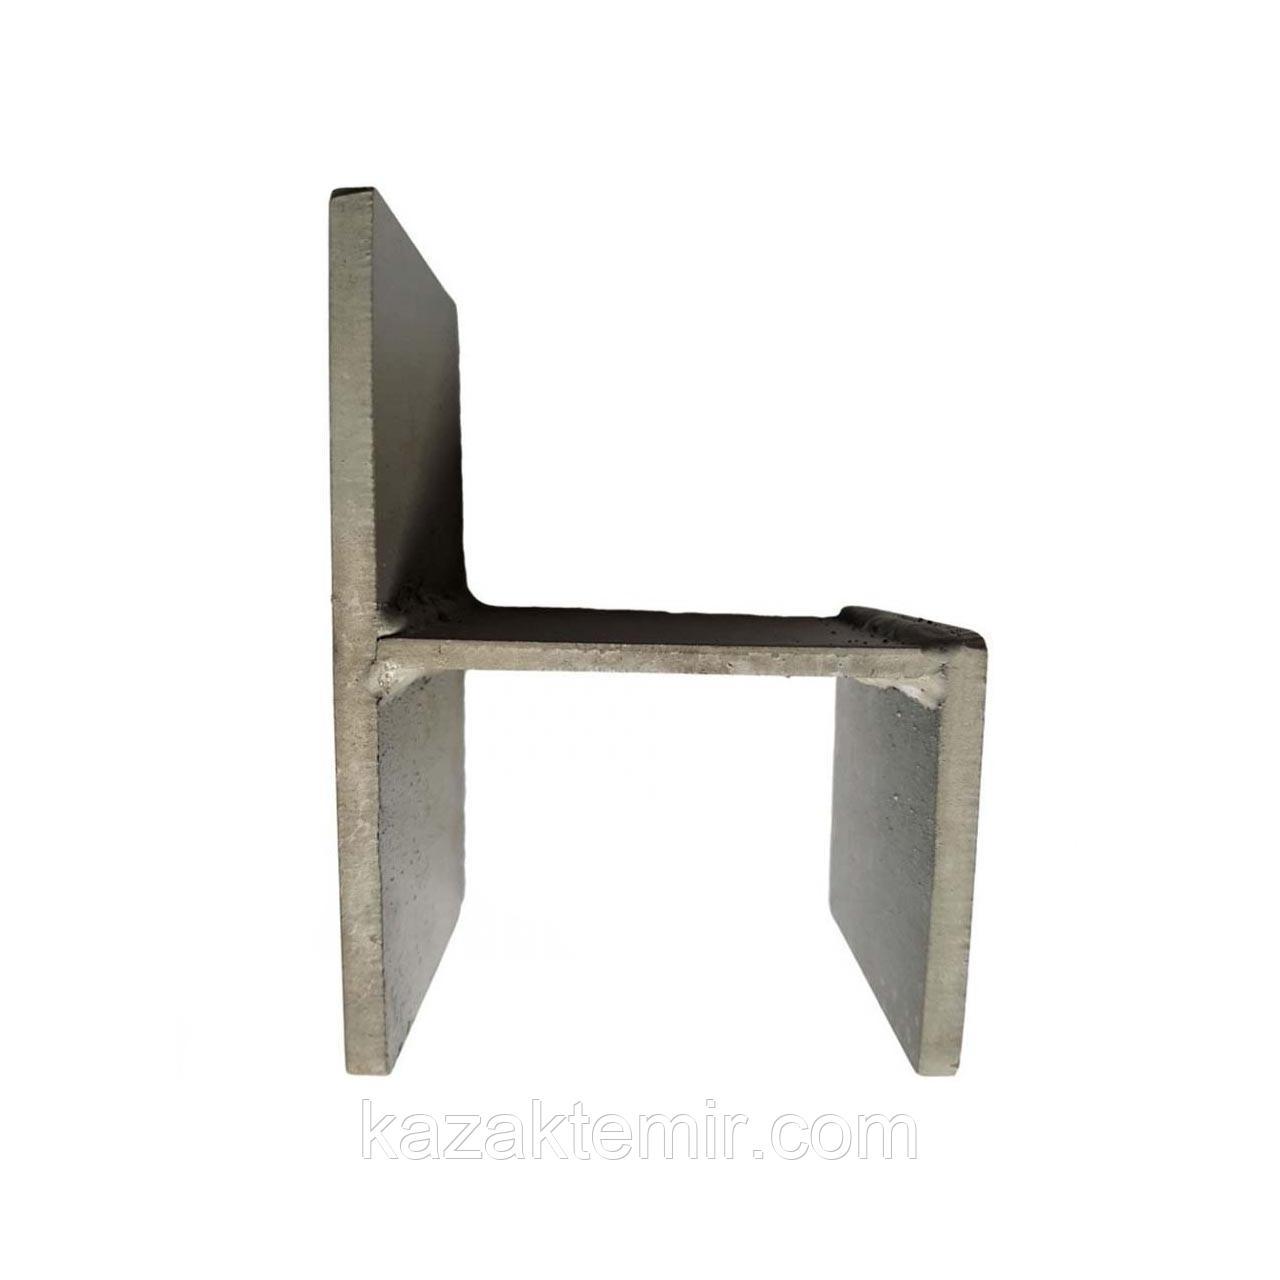 Элемент соединительный МС-8 (для плит и днищ диаметром 2 м)